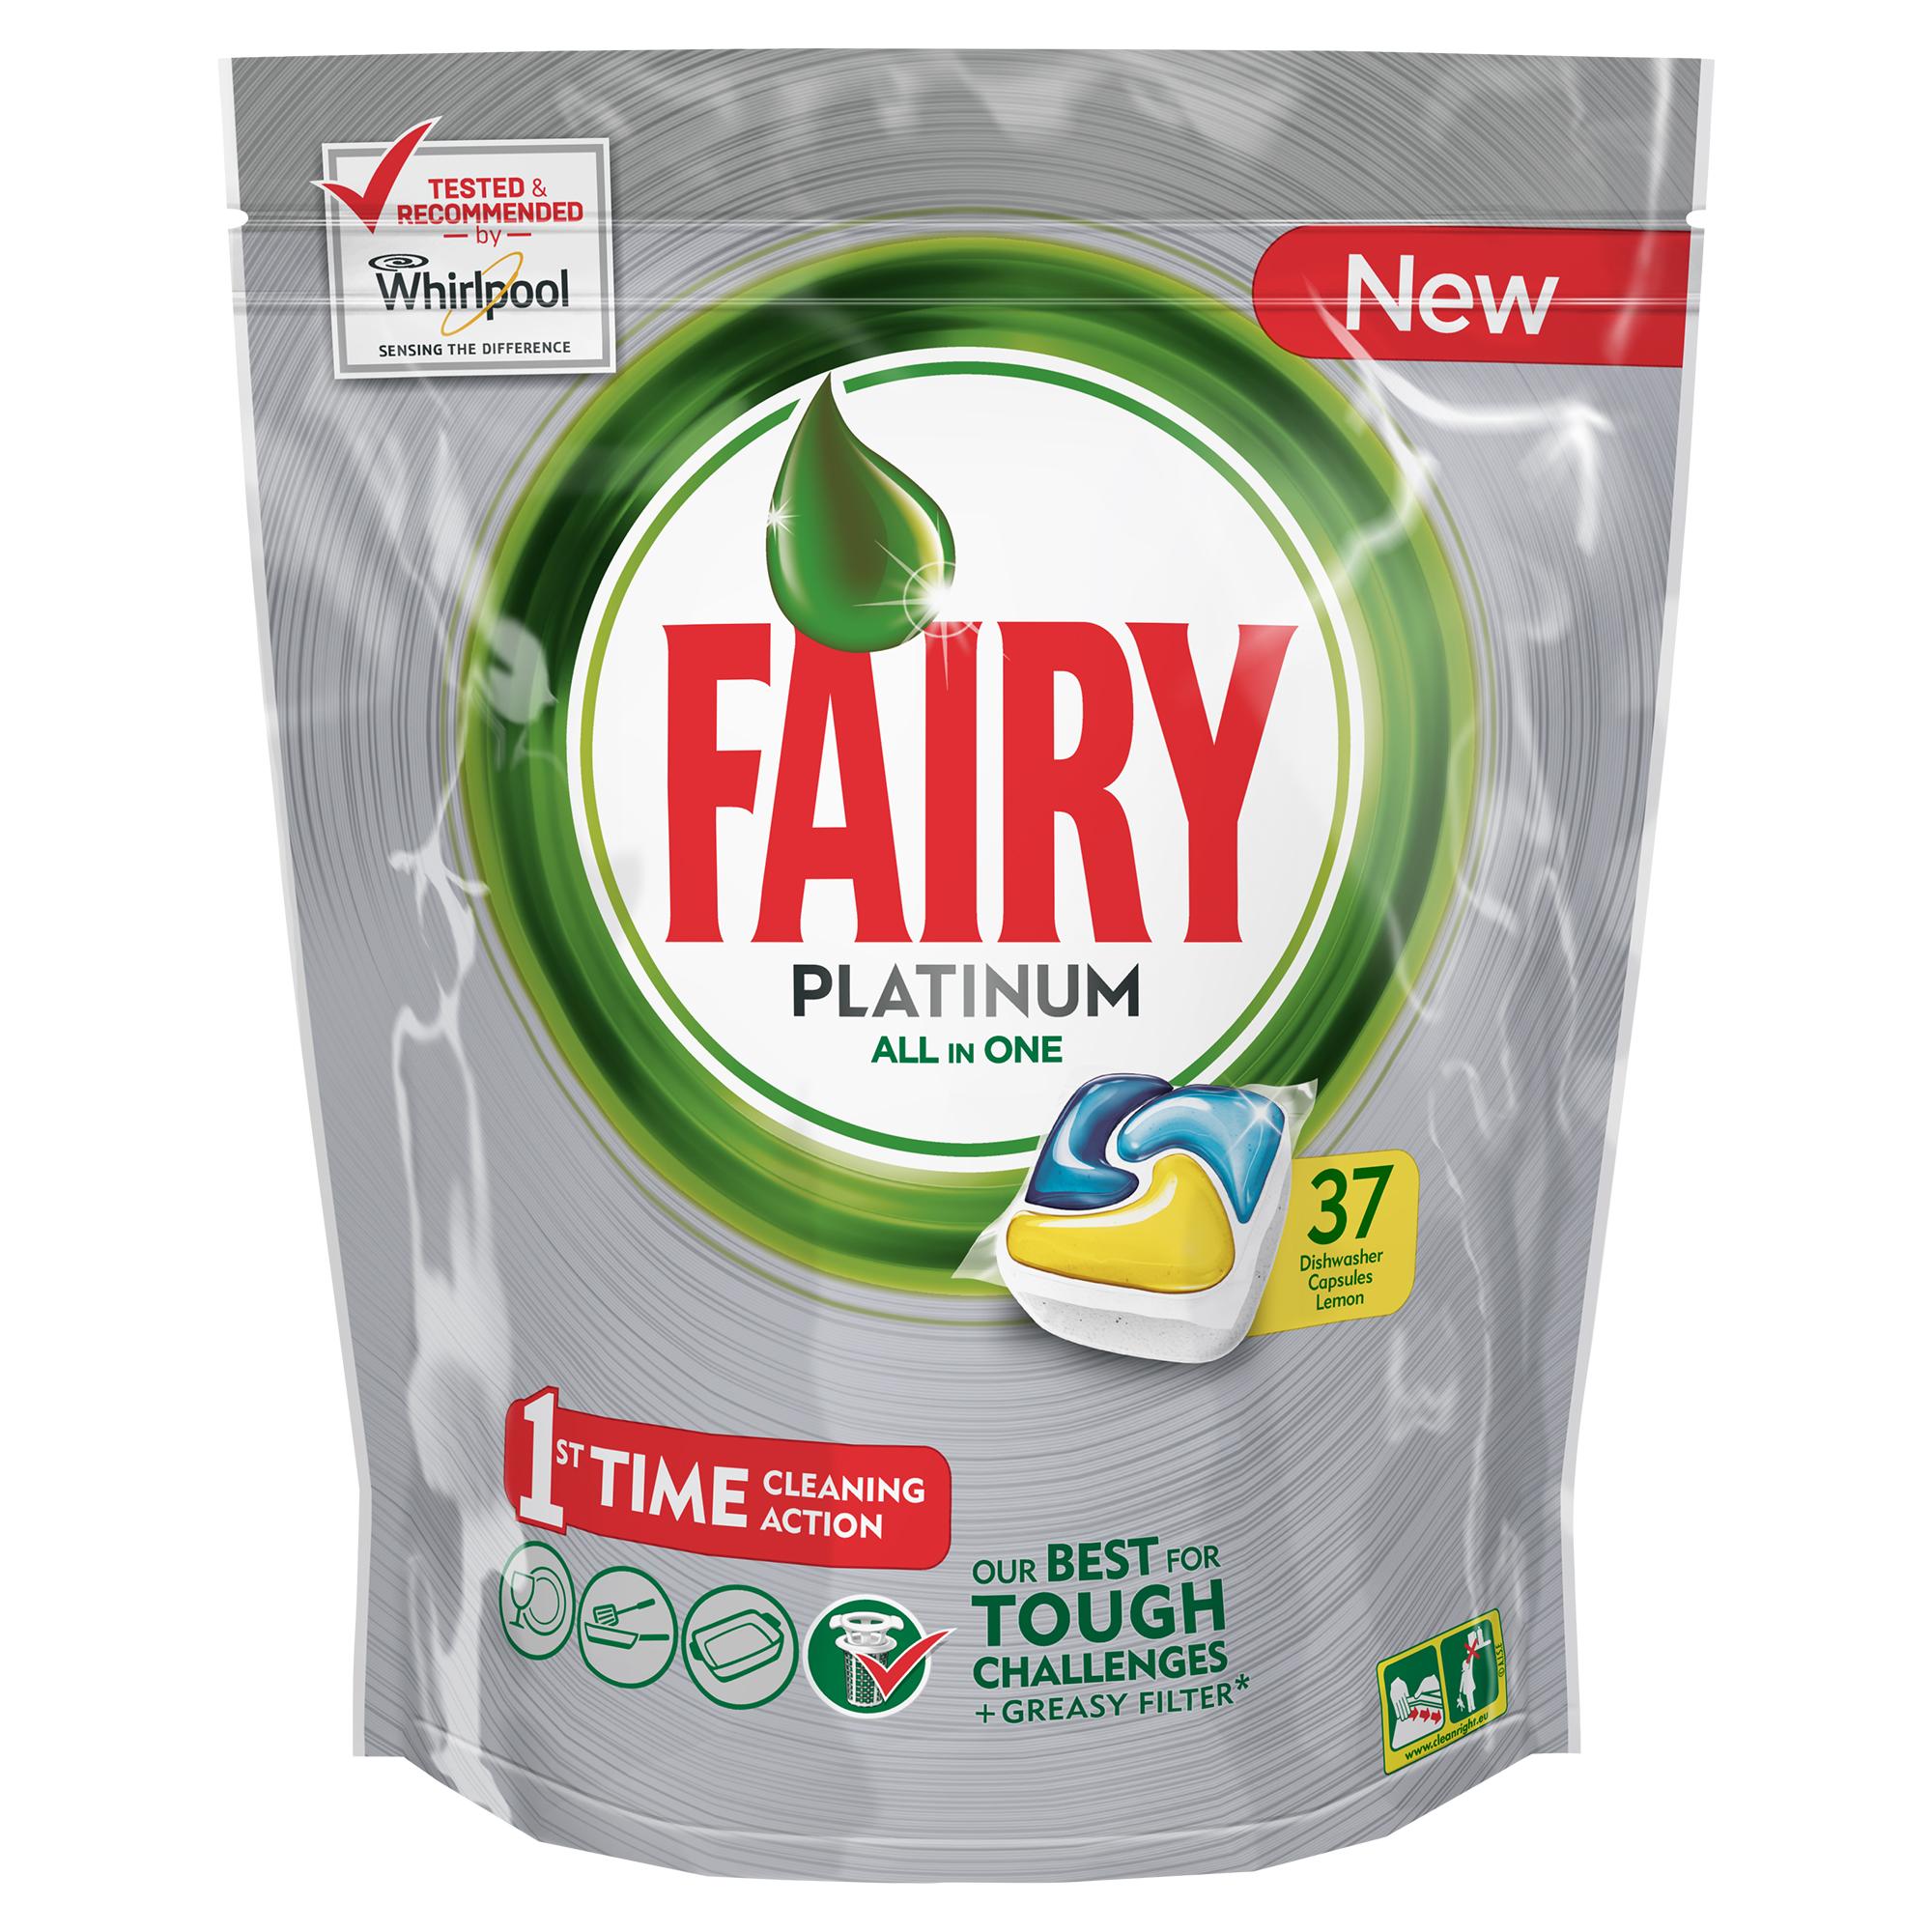 Капсулы для посудомоечной машины Fairy Platinum All in One, с лимоном, 37 штFR-81607016Капсулы для посудомоечной машины Fairy Platinum All in One идеально отмоют посуду с первого раза и безупречно справятся с любыми сложными загрязнениями - от засохшего и пригоревшего жира до пятен от чая. Ваша посуда будет сиять благодаря специальной формуле с усилителем блеска. Теперь вы можете готовить, что угодно, и быть уверенным, что ваша машинка с легкостью справится с грязной посудой. Капсула растворяется гораздо быстрее, чем другие таблетки для посудомоечной машины, и начинает действовать немедленно. Кроме того, капсулы Fairy очень просты в использовании - просто поместите их в посудомоечную машину (не нужно распаковывать). Преимущества: - Средство справляется с засохшей и пригоревшей грязью - Настолько сильное, что очистит даже фильтр от посудомоечной машины- С функцией супер сияния посуды - С добавлением соли и ополаскивателя - С защитой стекла и серебра - Сохраняет приятный запах в посудомоечной машине- Помогает предотвратить накопление жира на фильтре, системе спуска воды и разбрызгивателе- Произведено и протестировано для использования во всех посудомоечных машинах- Капсулы готовы к использованию- Не нужно разворачивать - 1 капсула = 1 загрузкаПоместите капсулу в отсек для моющего средства и сразу закройте. Брать капсулу только сухими руками. Не разворачивайте и не прокалывайте капсулу. Закрывайте пакет после каждого использования. Товар сертифицирован.